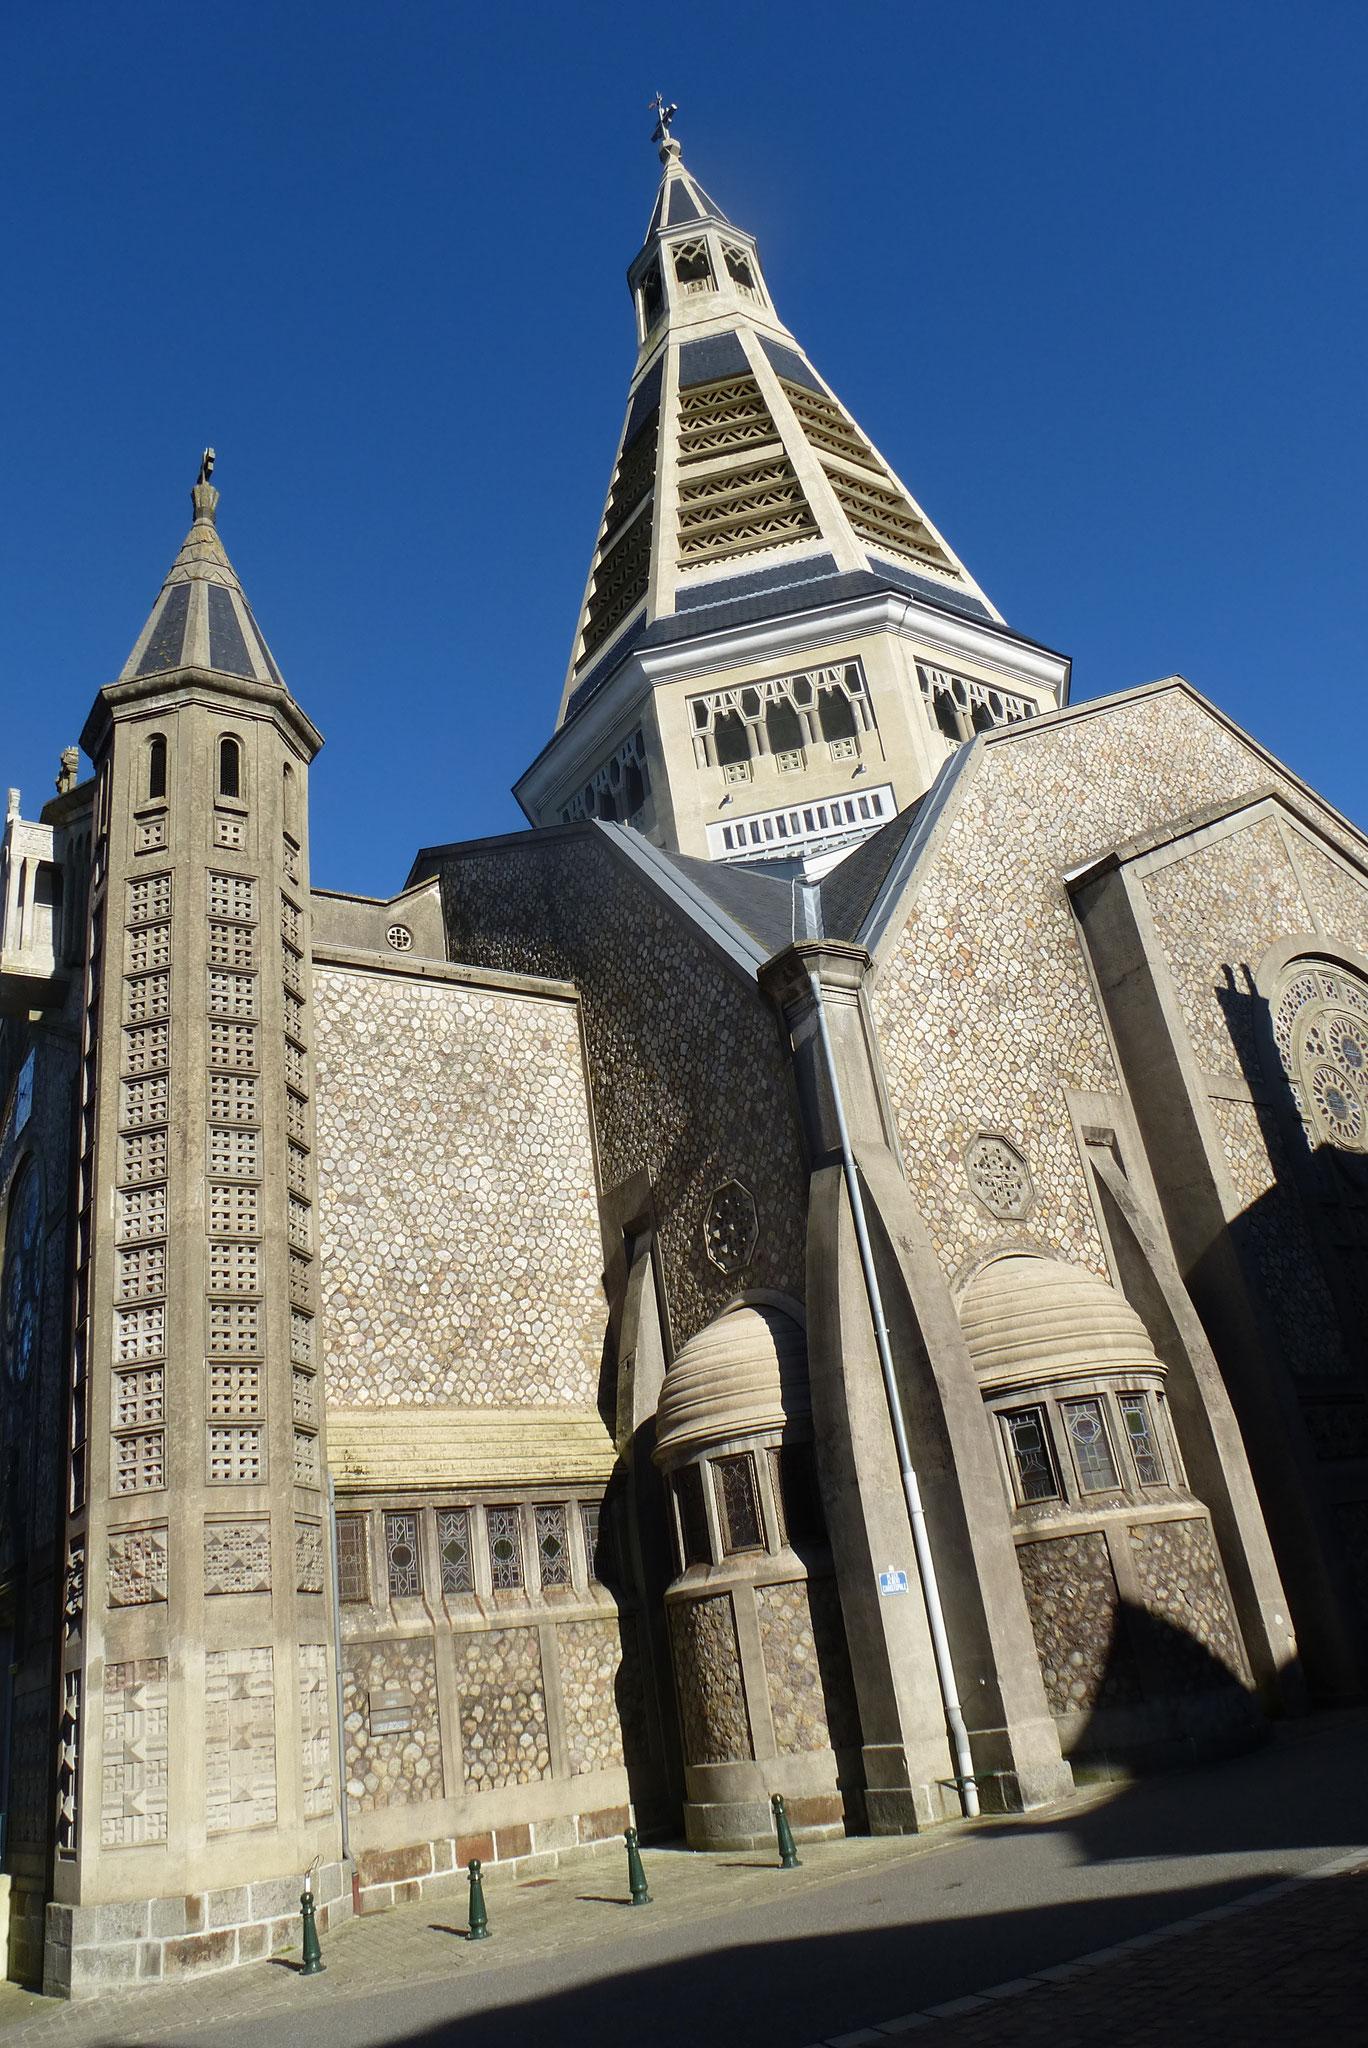 Eglise, Saint julien de Domfront